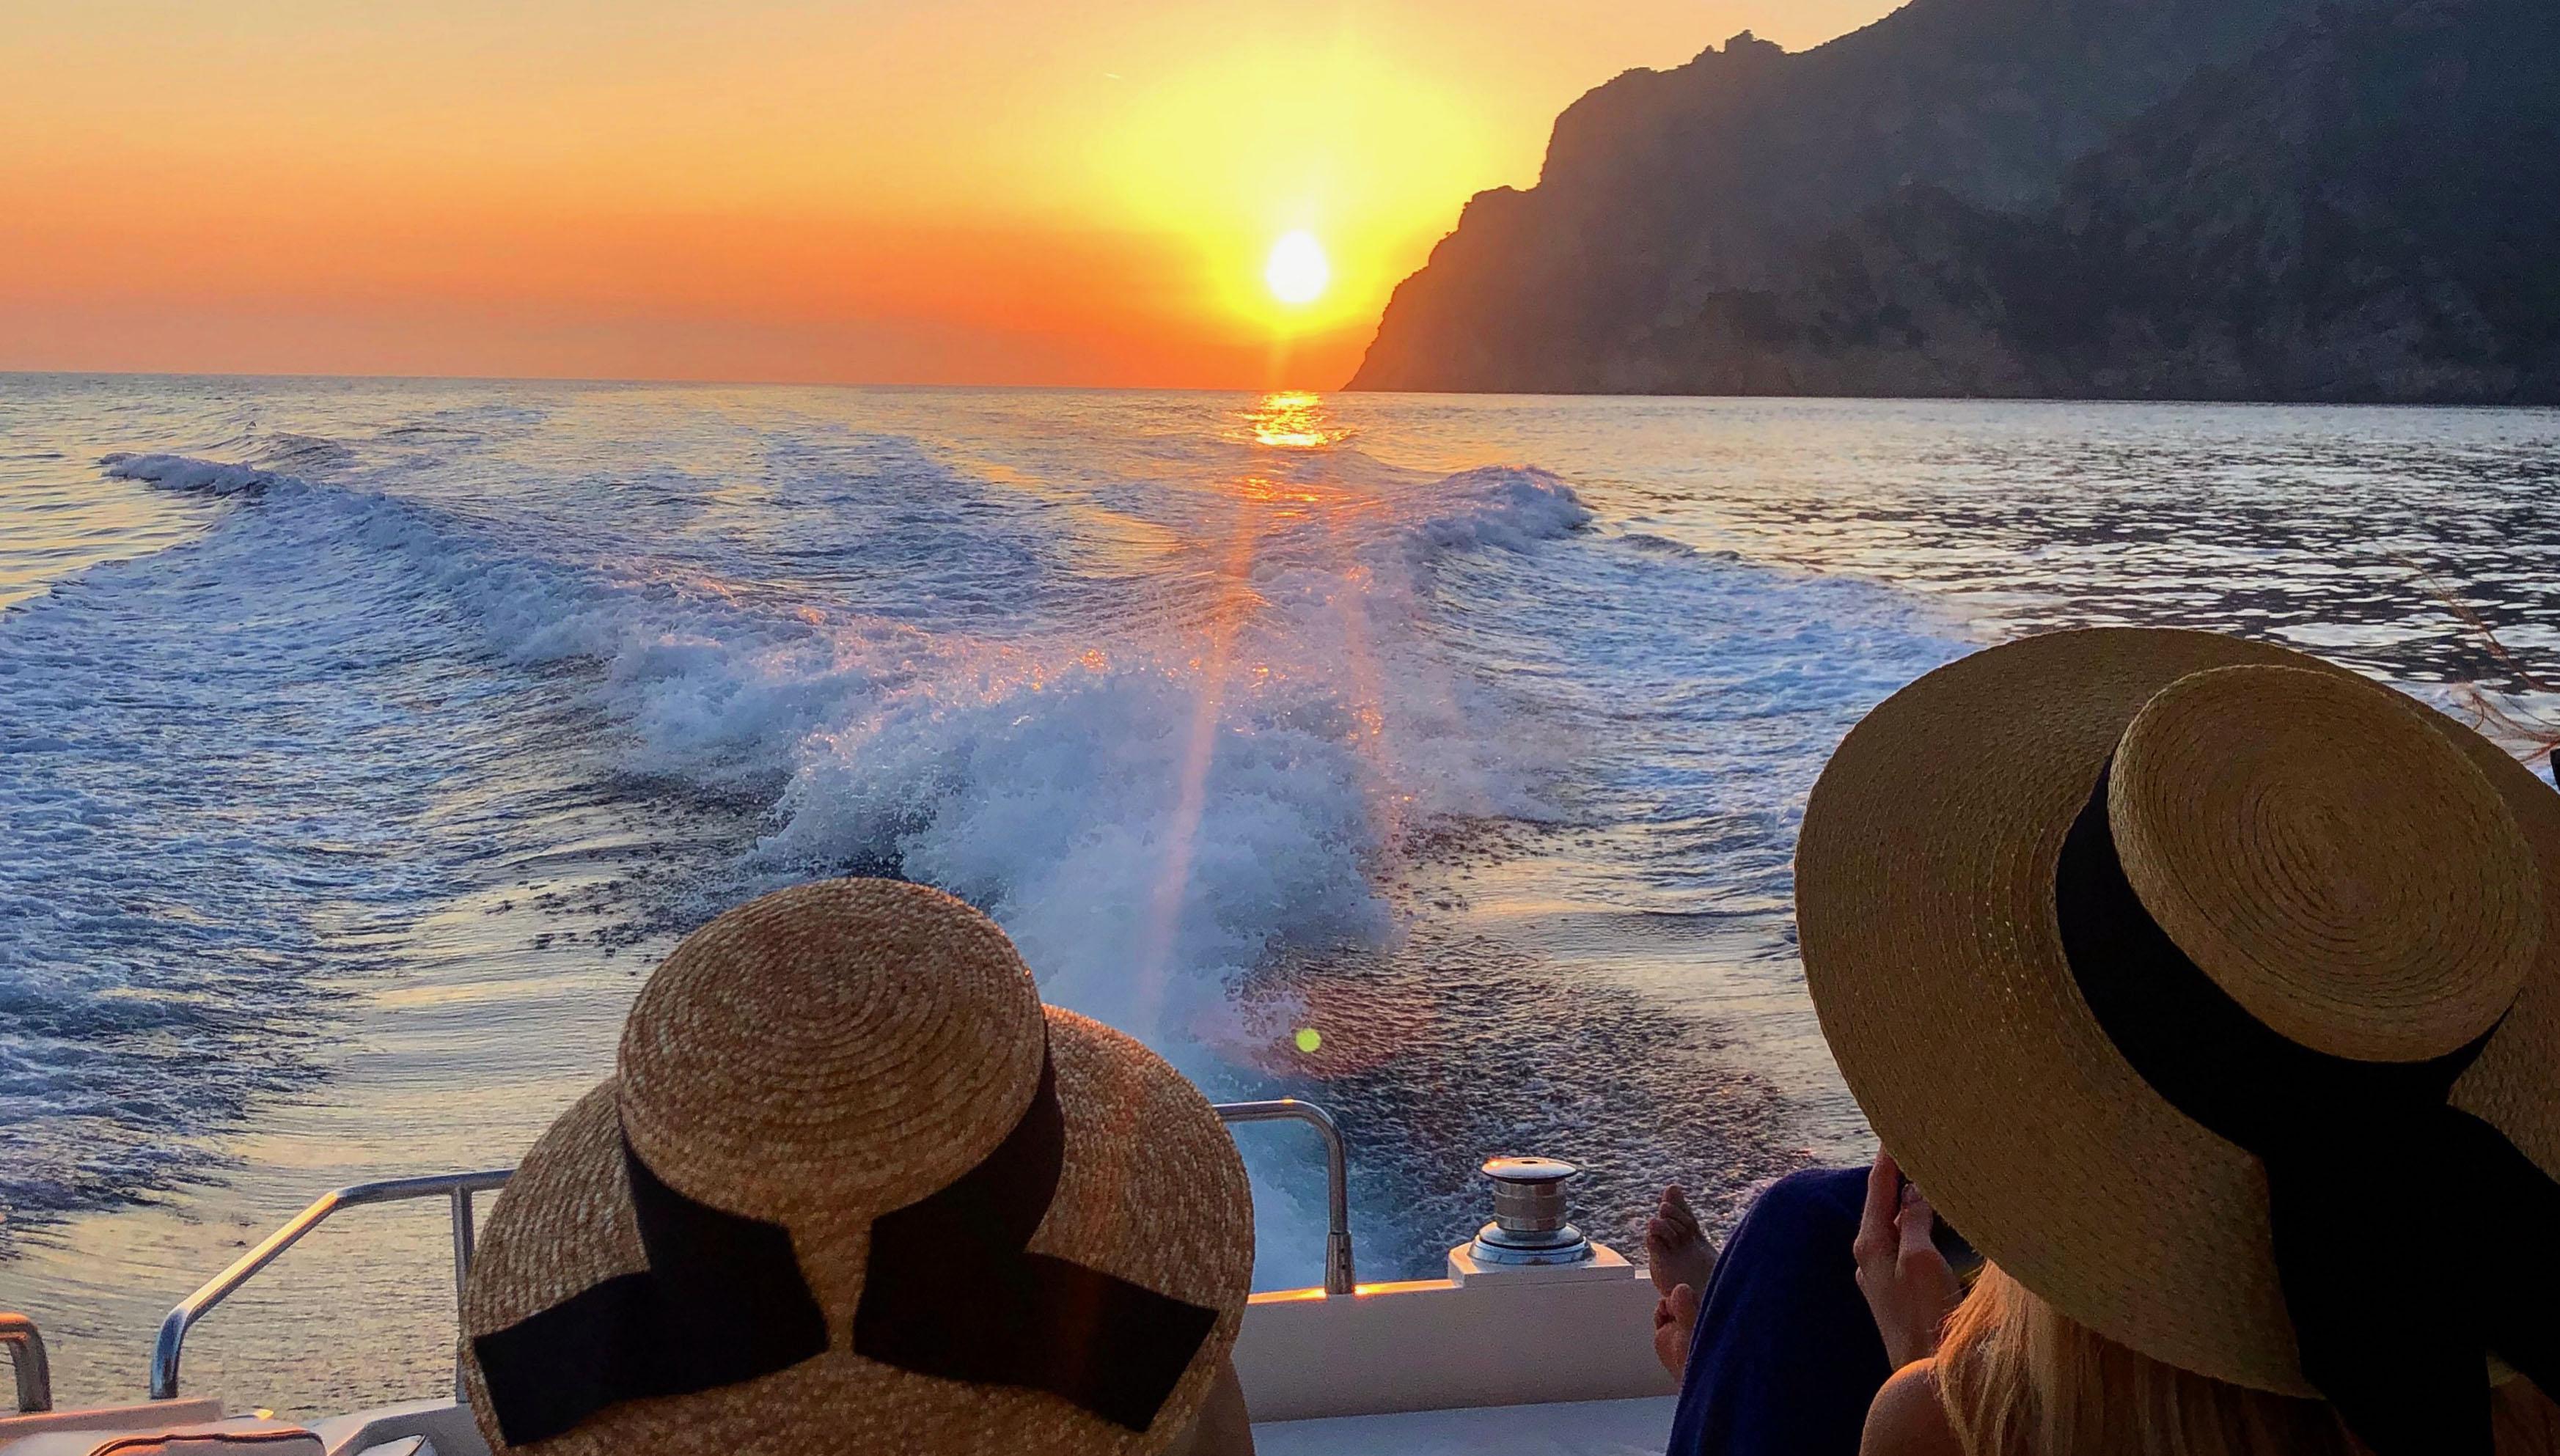 Cesare Charter Portofino - Sunset Cruise